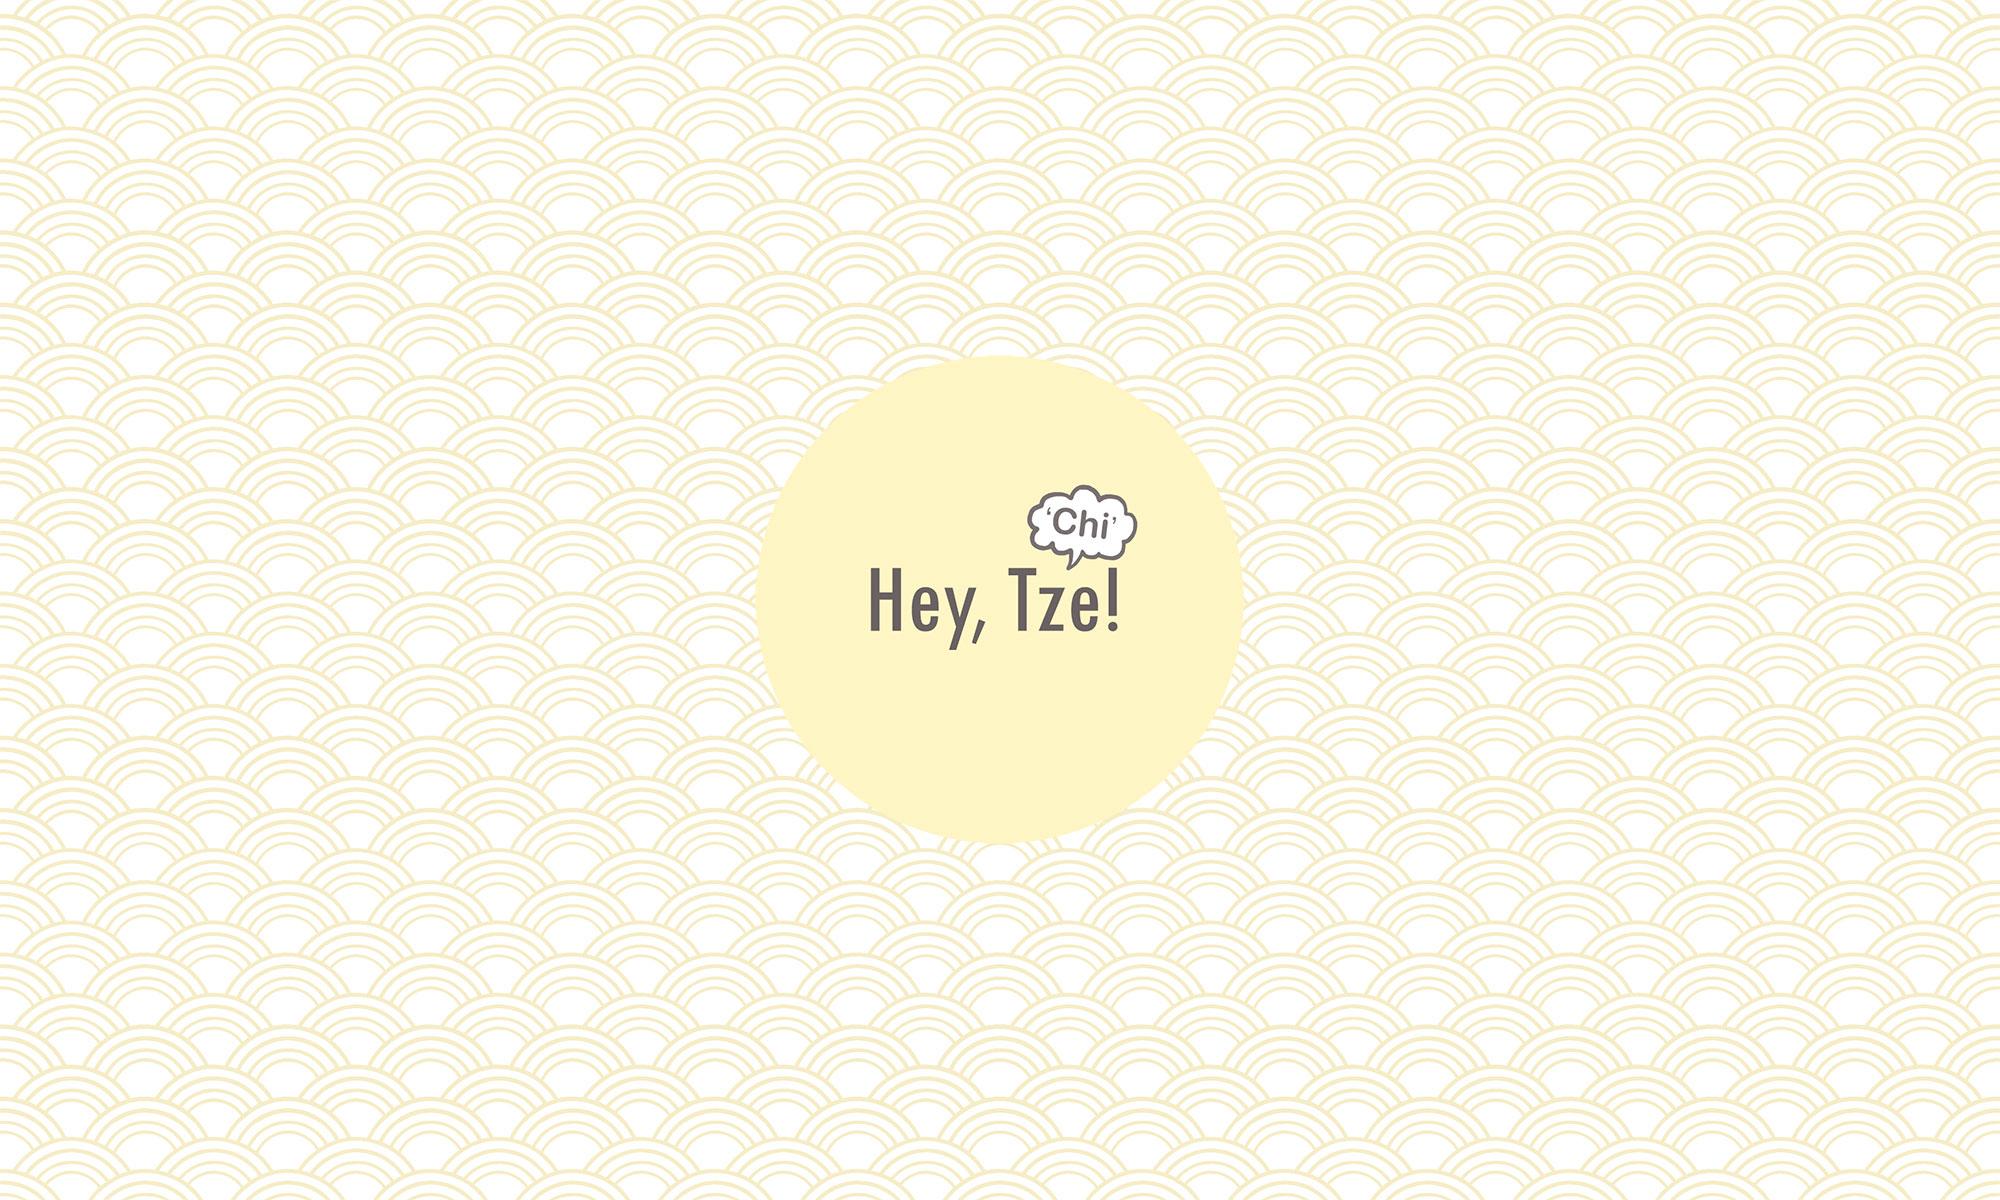 Hey, Tze!